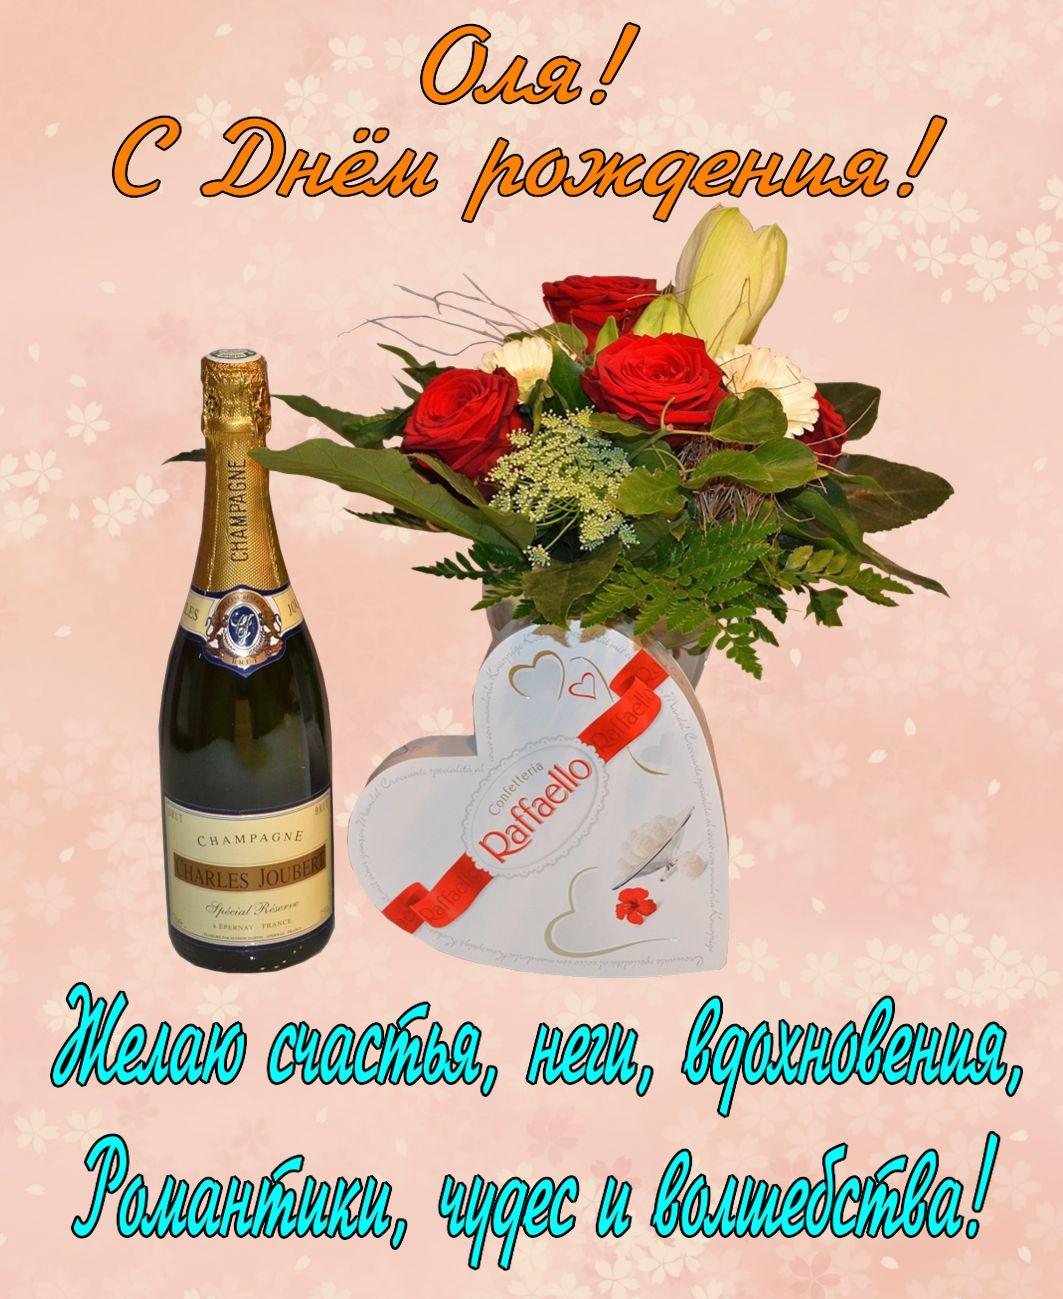 открытка - цветы, рафаэлло и шампанское для Оли